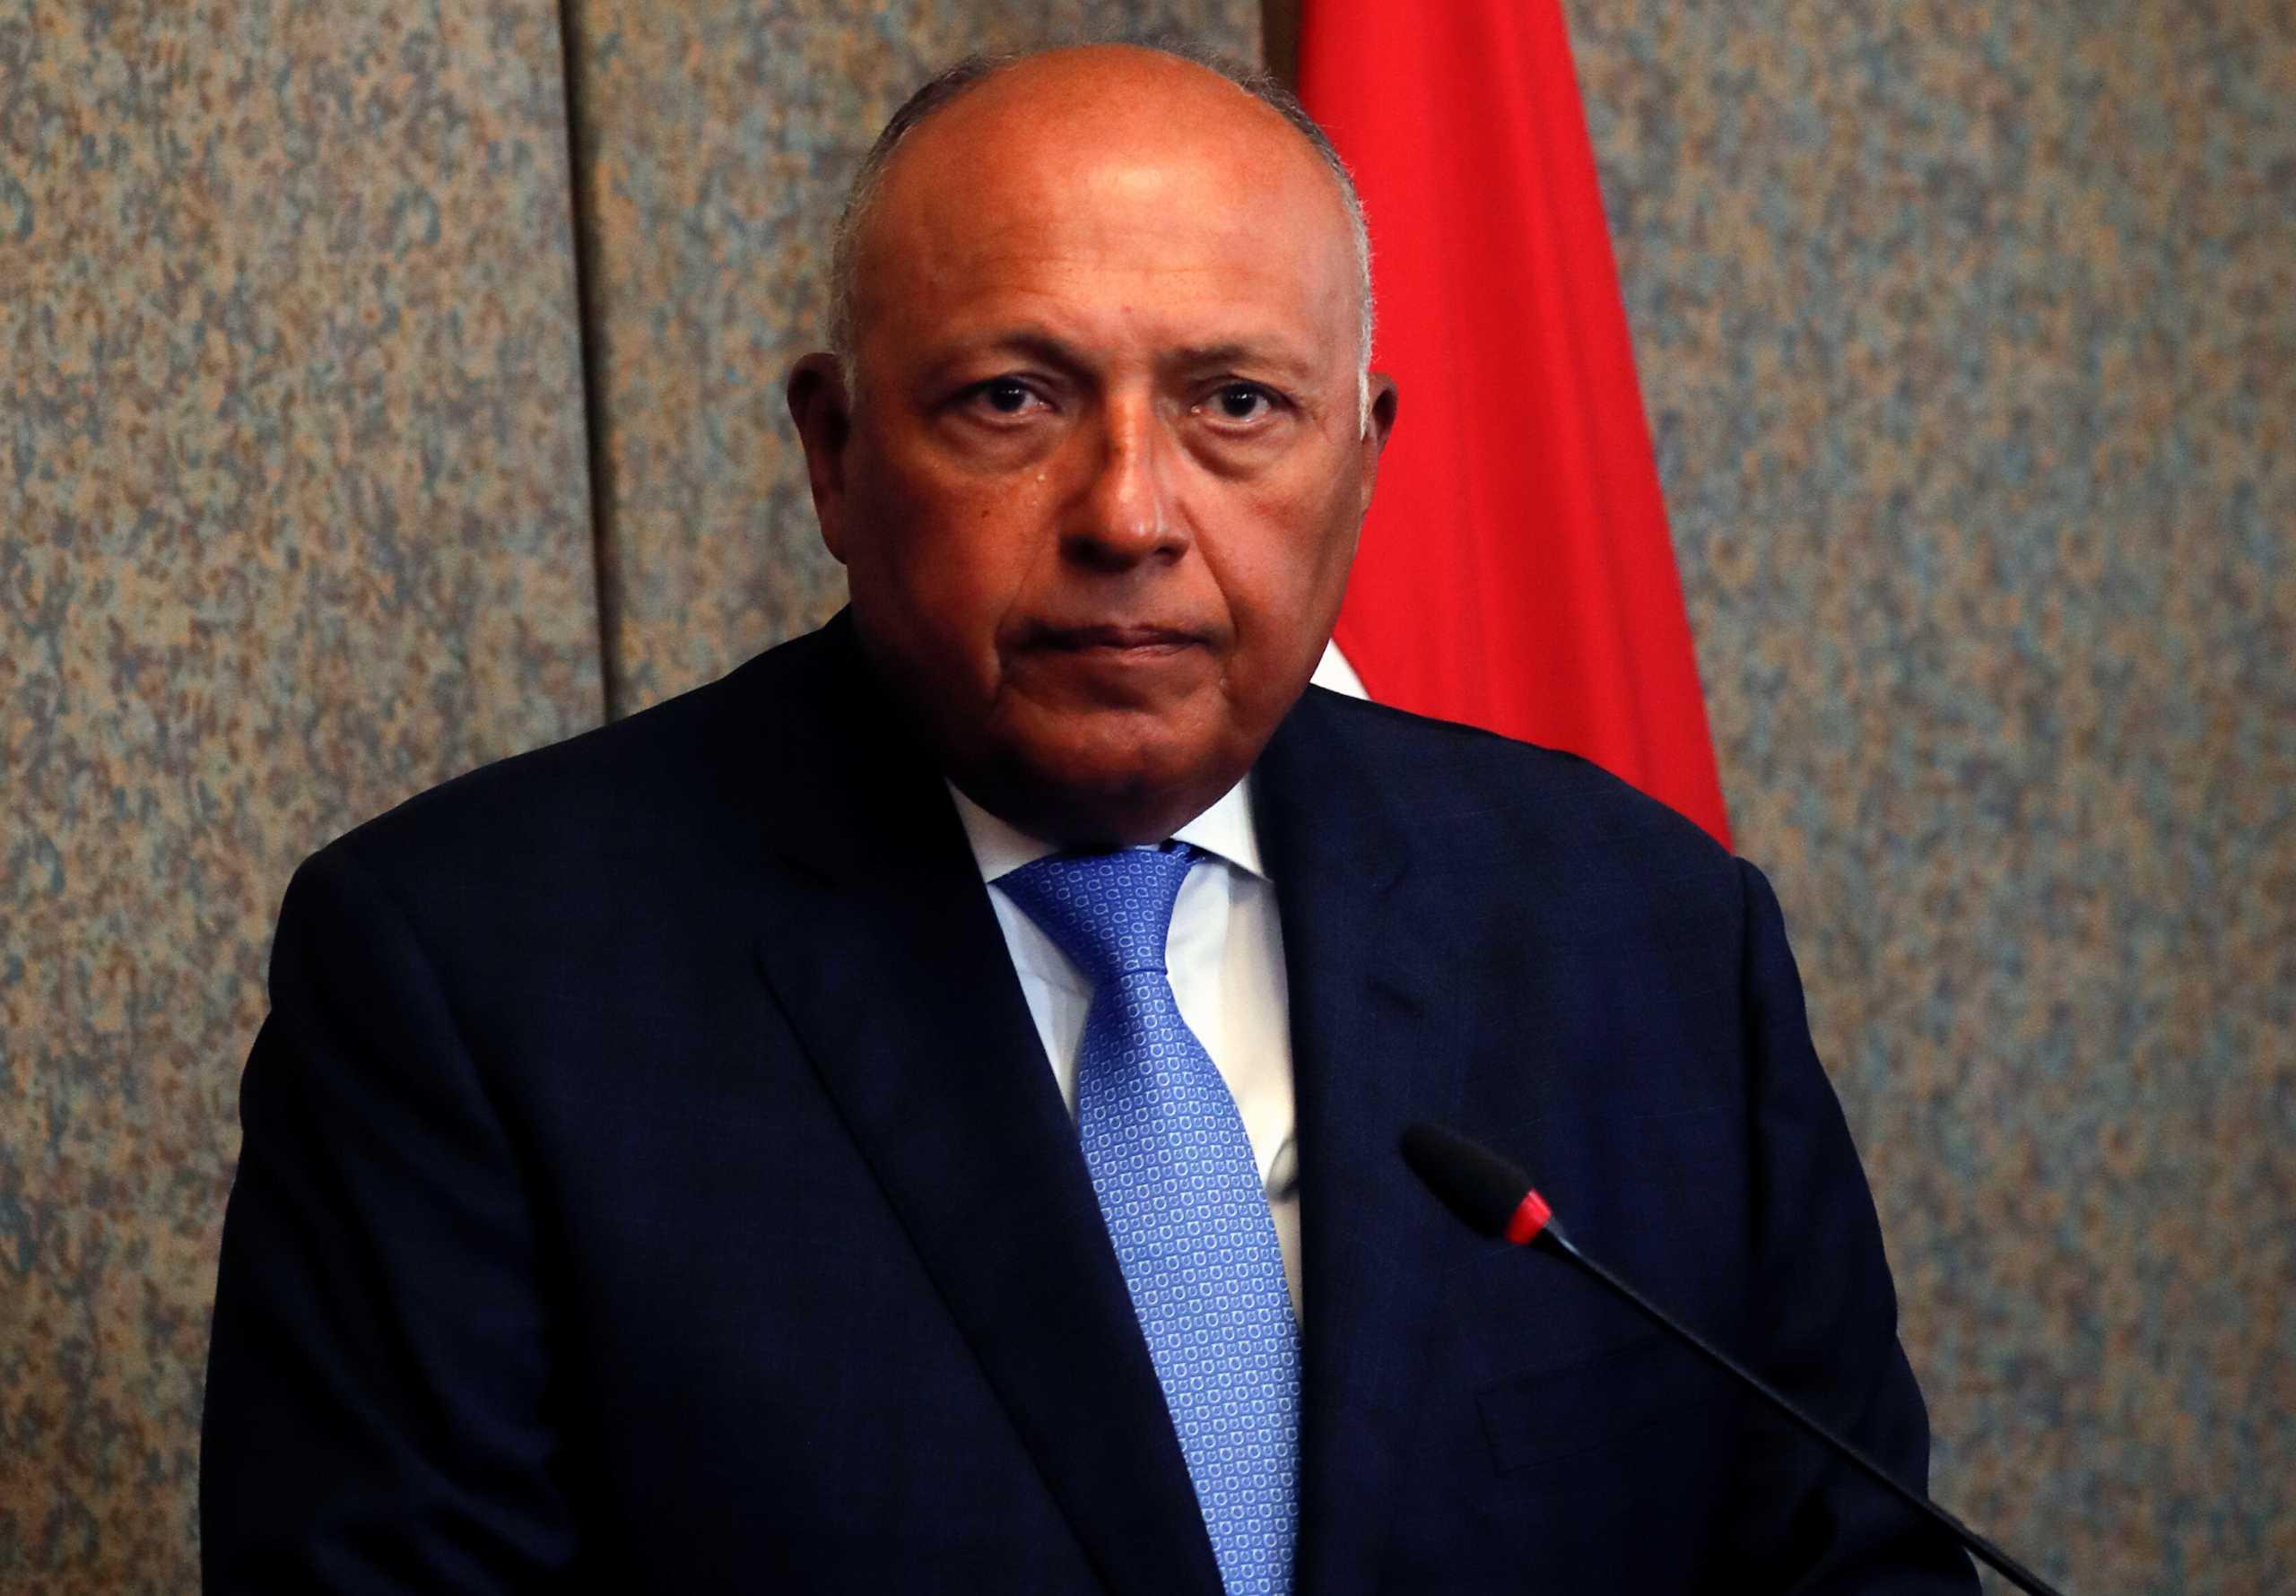 Σούκρι: Τα «ρίχνει» στην Τουρκία για την βελτίωση των σχέσεων με την Αίγυπτο